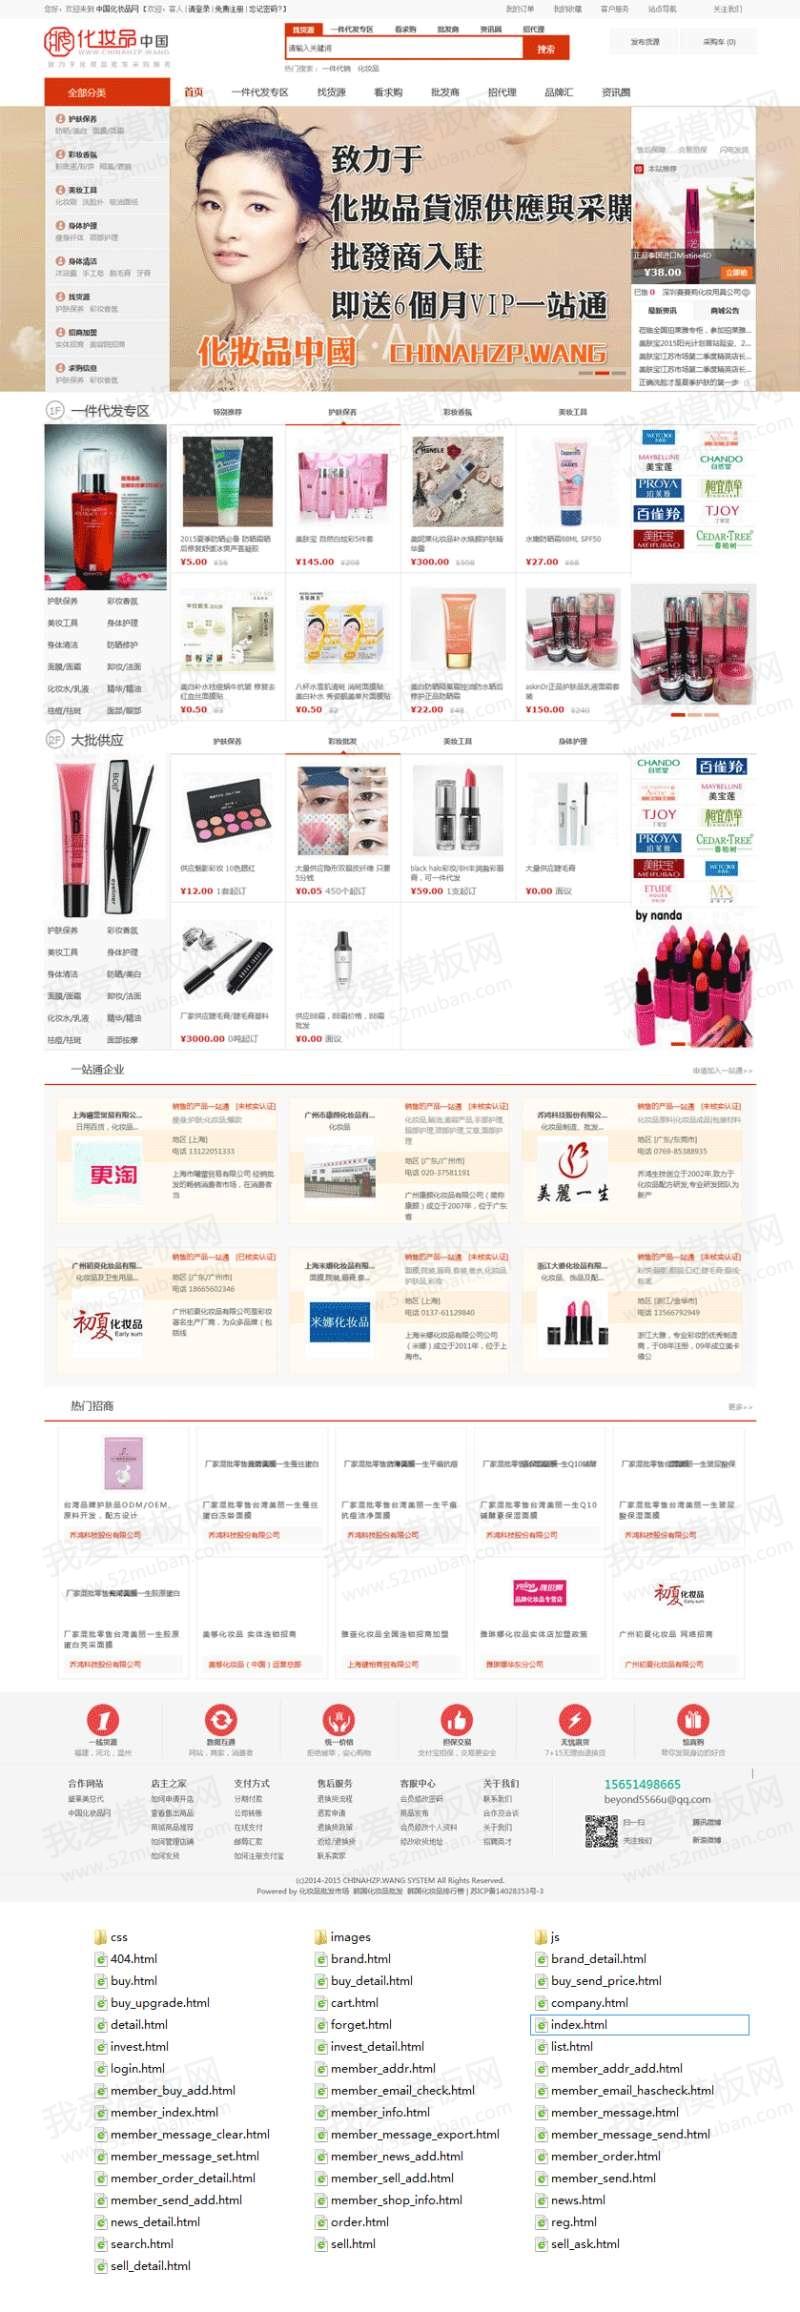 仿中国化妆品商城网站整站模板html源码